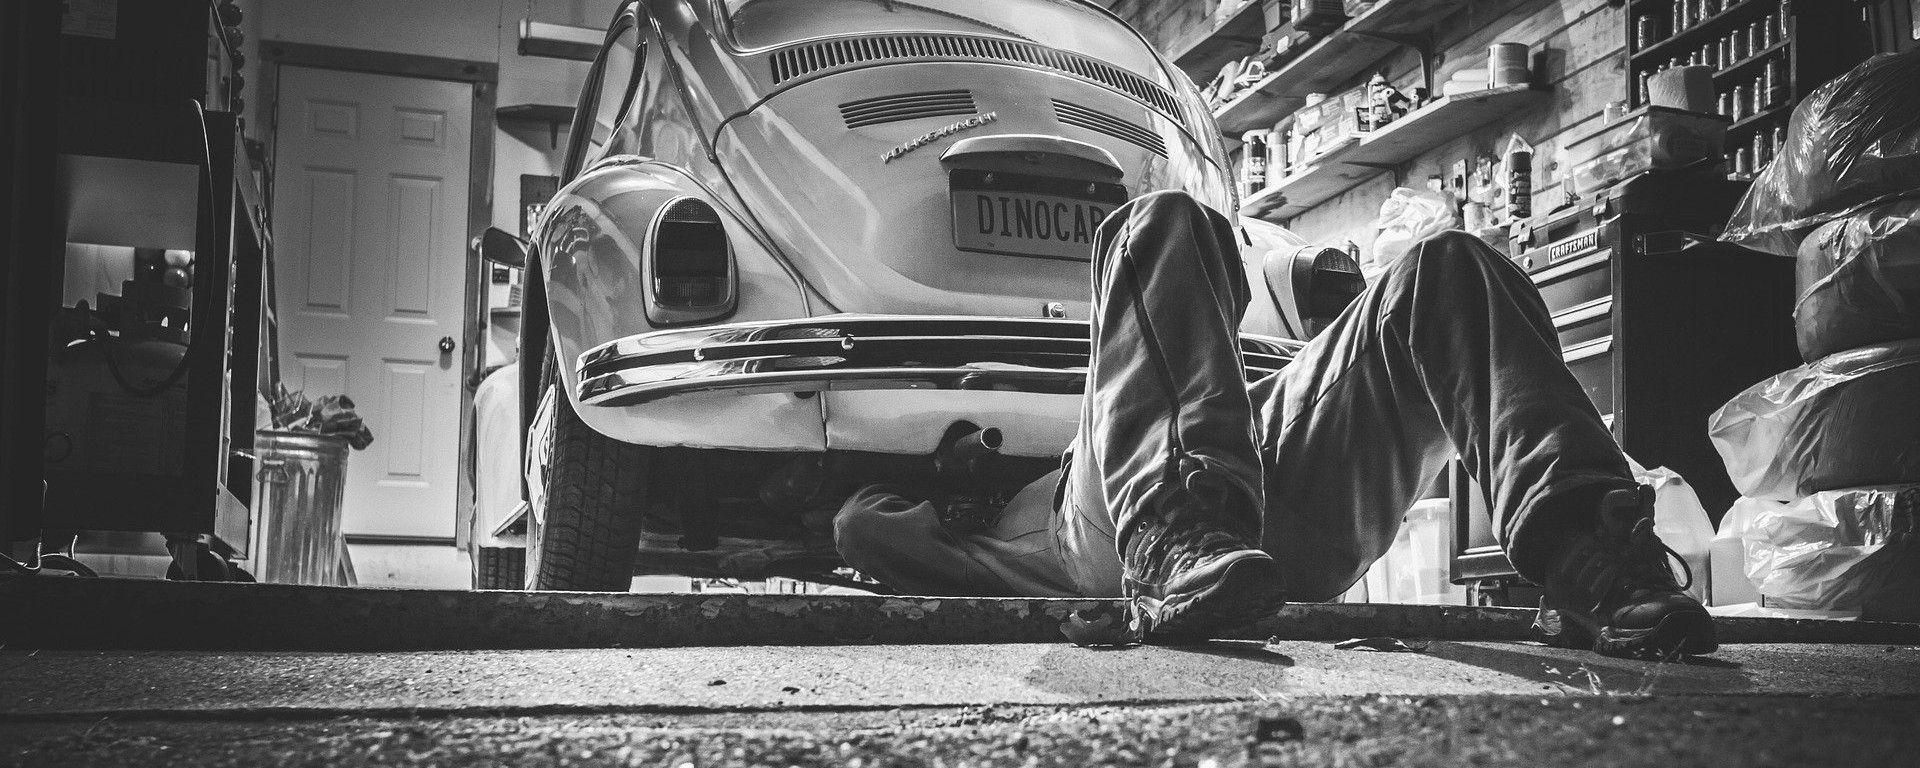 Una Volkswagen Maggiolino dal meccanico - foto di Ryan McGuire, Pixabay